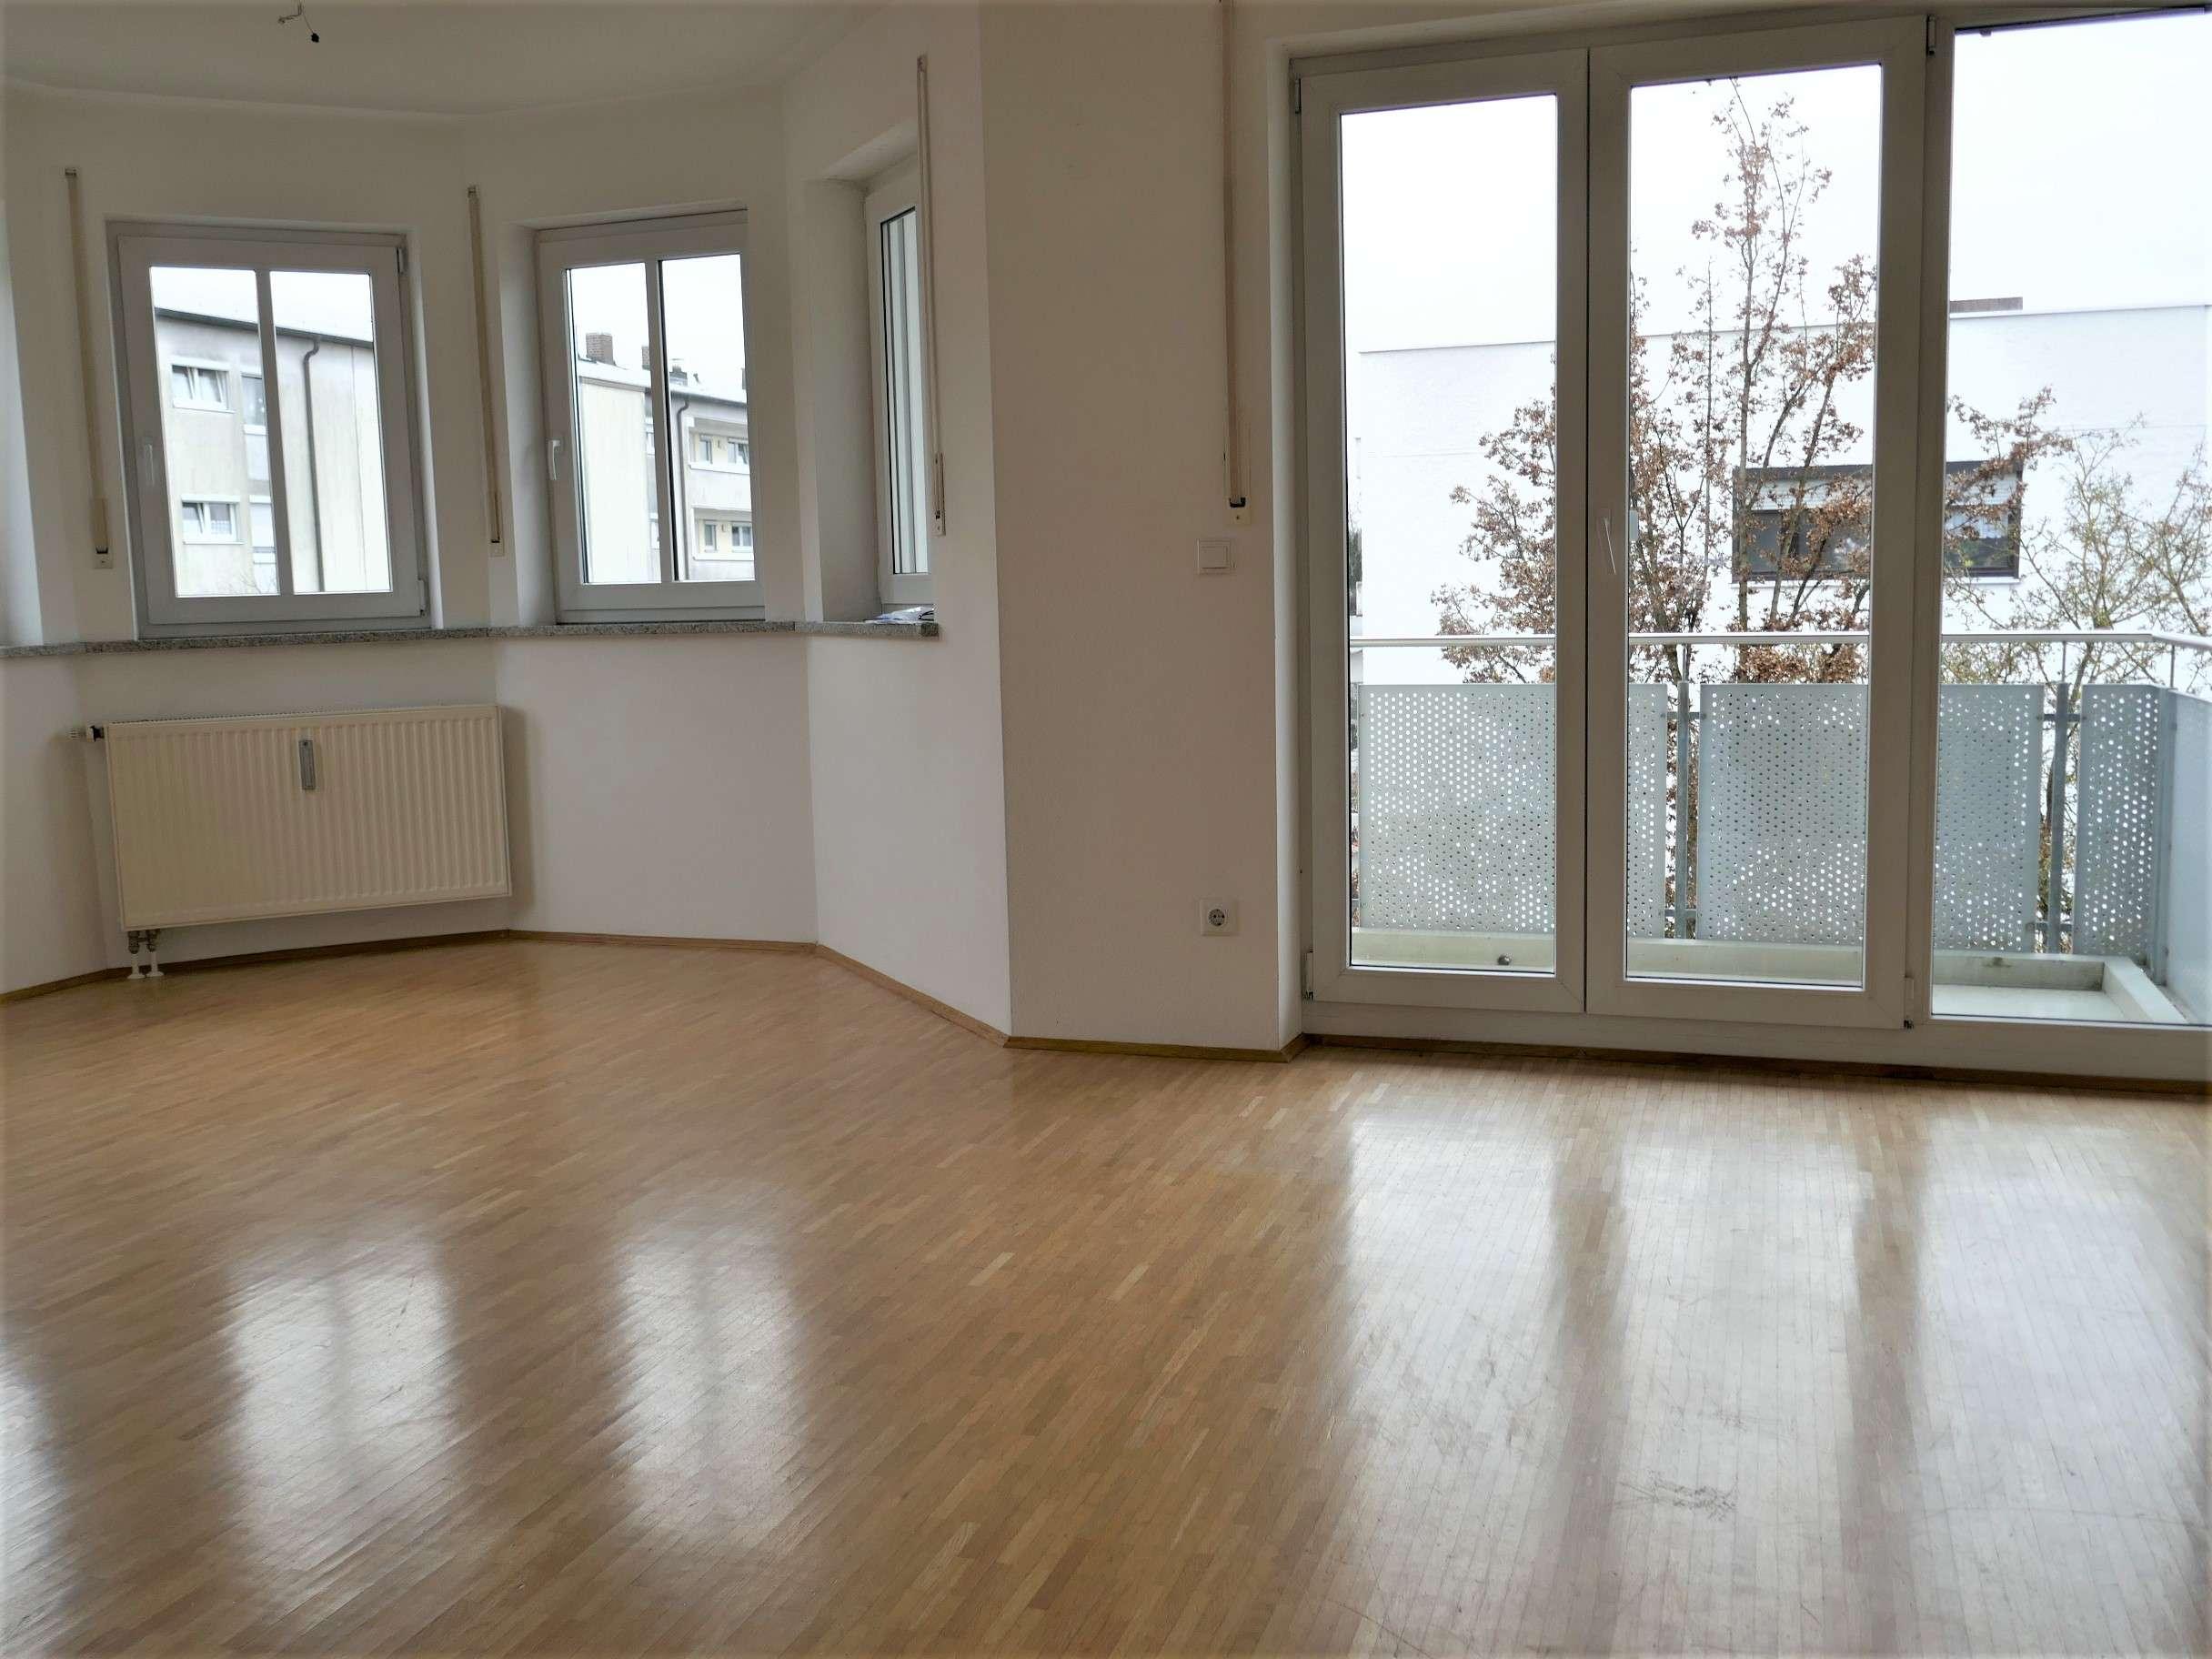 3 Zi. + Hobbyraum (ideal für Home-Office + Fitness) + 2 Balkone in